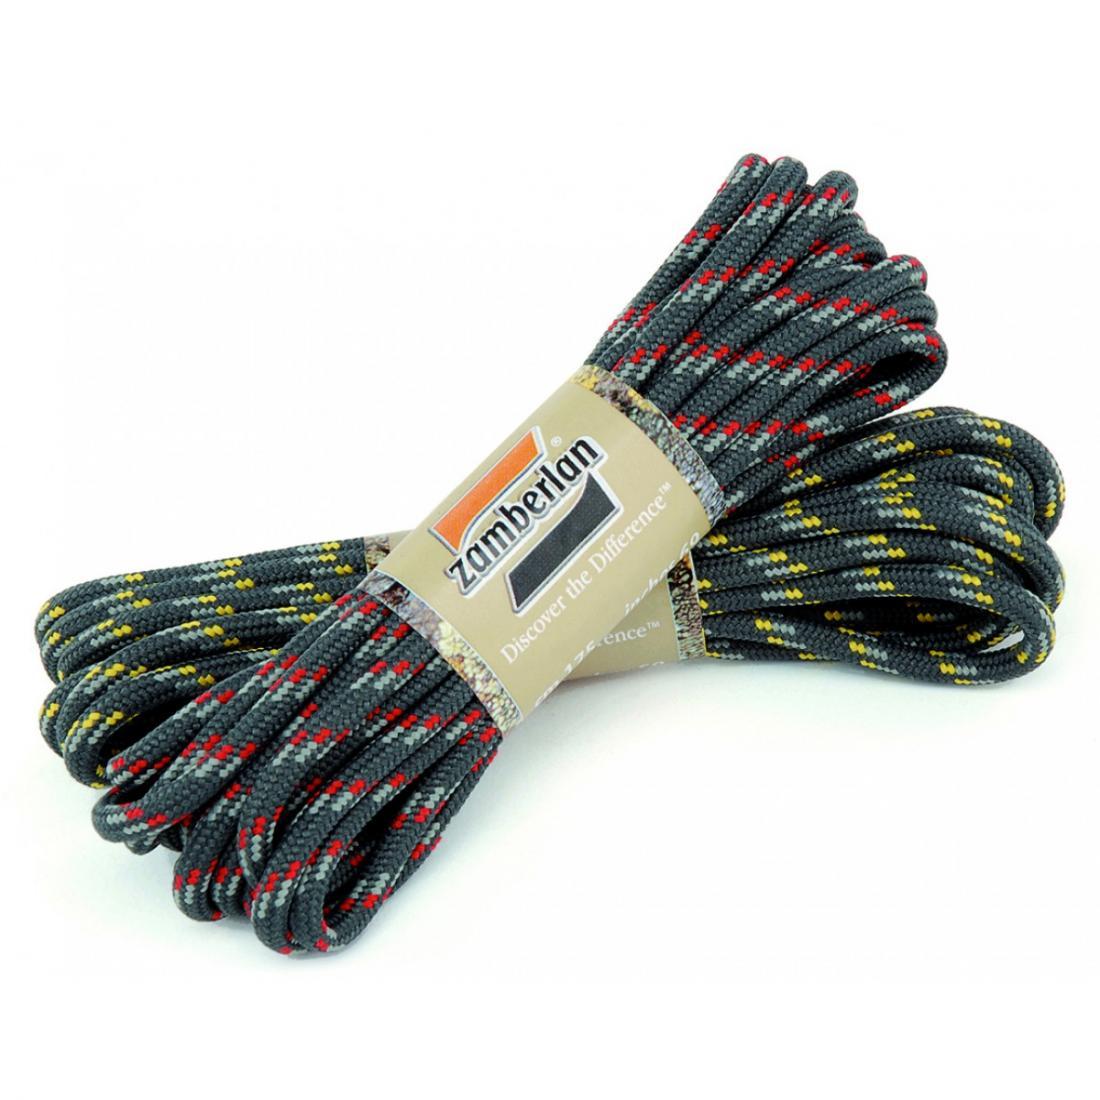 Шнурки круглые CMS.Шнурки<br>Шнурки Zamberlan® производятся из особо прочной синтетической ткани и полиэстеровых нитей, сохраняющих свою молекулярную структуру при воздействии различных внешних факторов. Особая структура волокна гарантирует максимальную износоустойчивость, а высок...<br><br>Цвет: Черный<br>Размер: 125